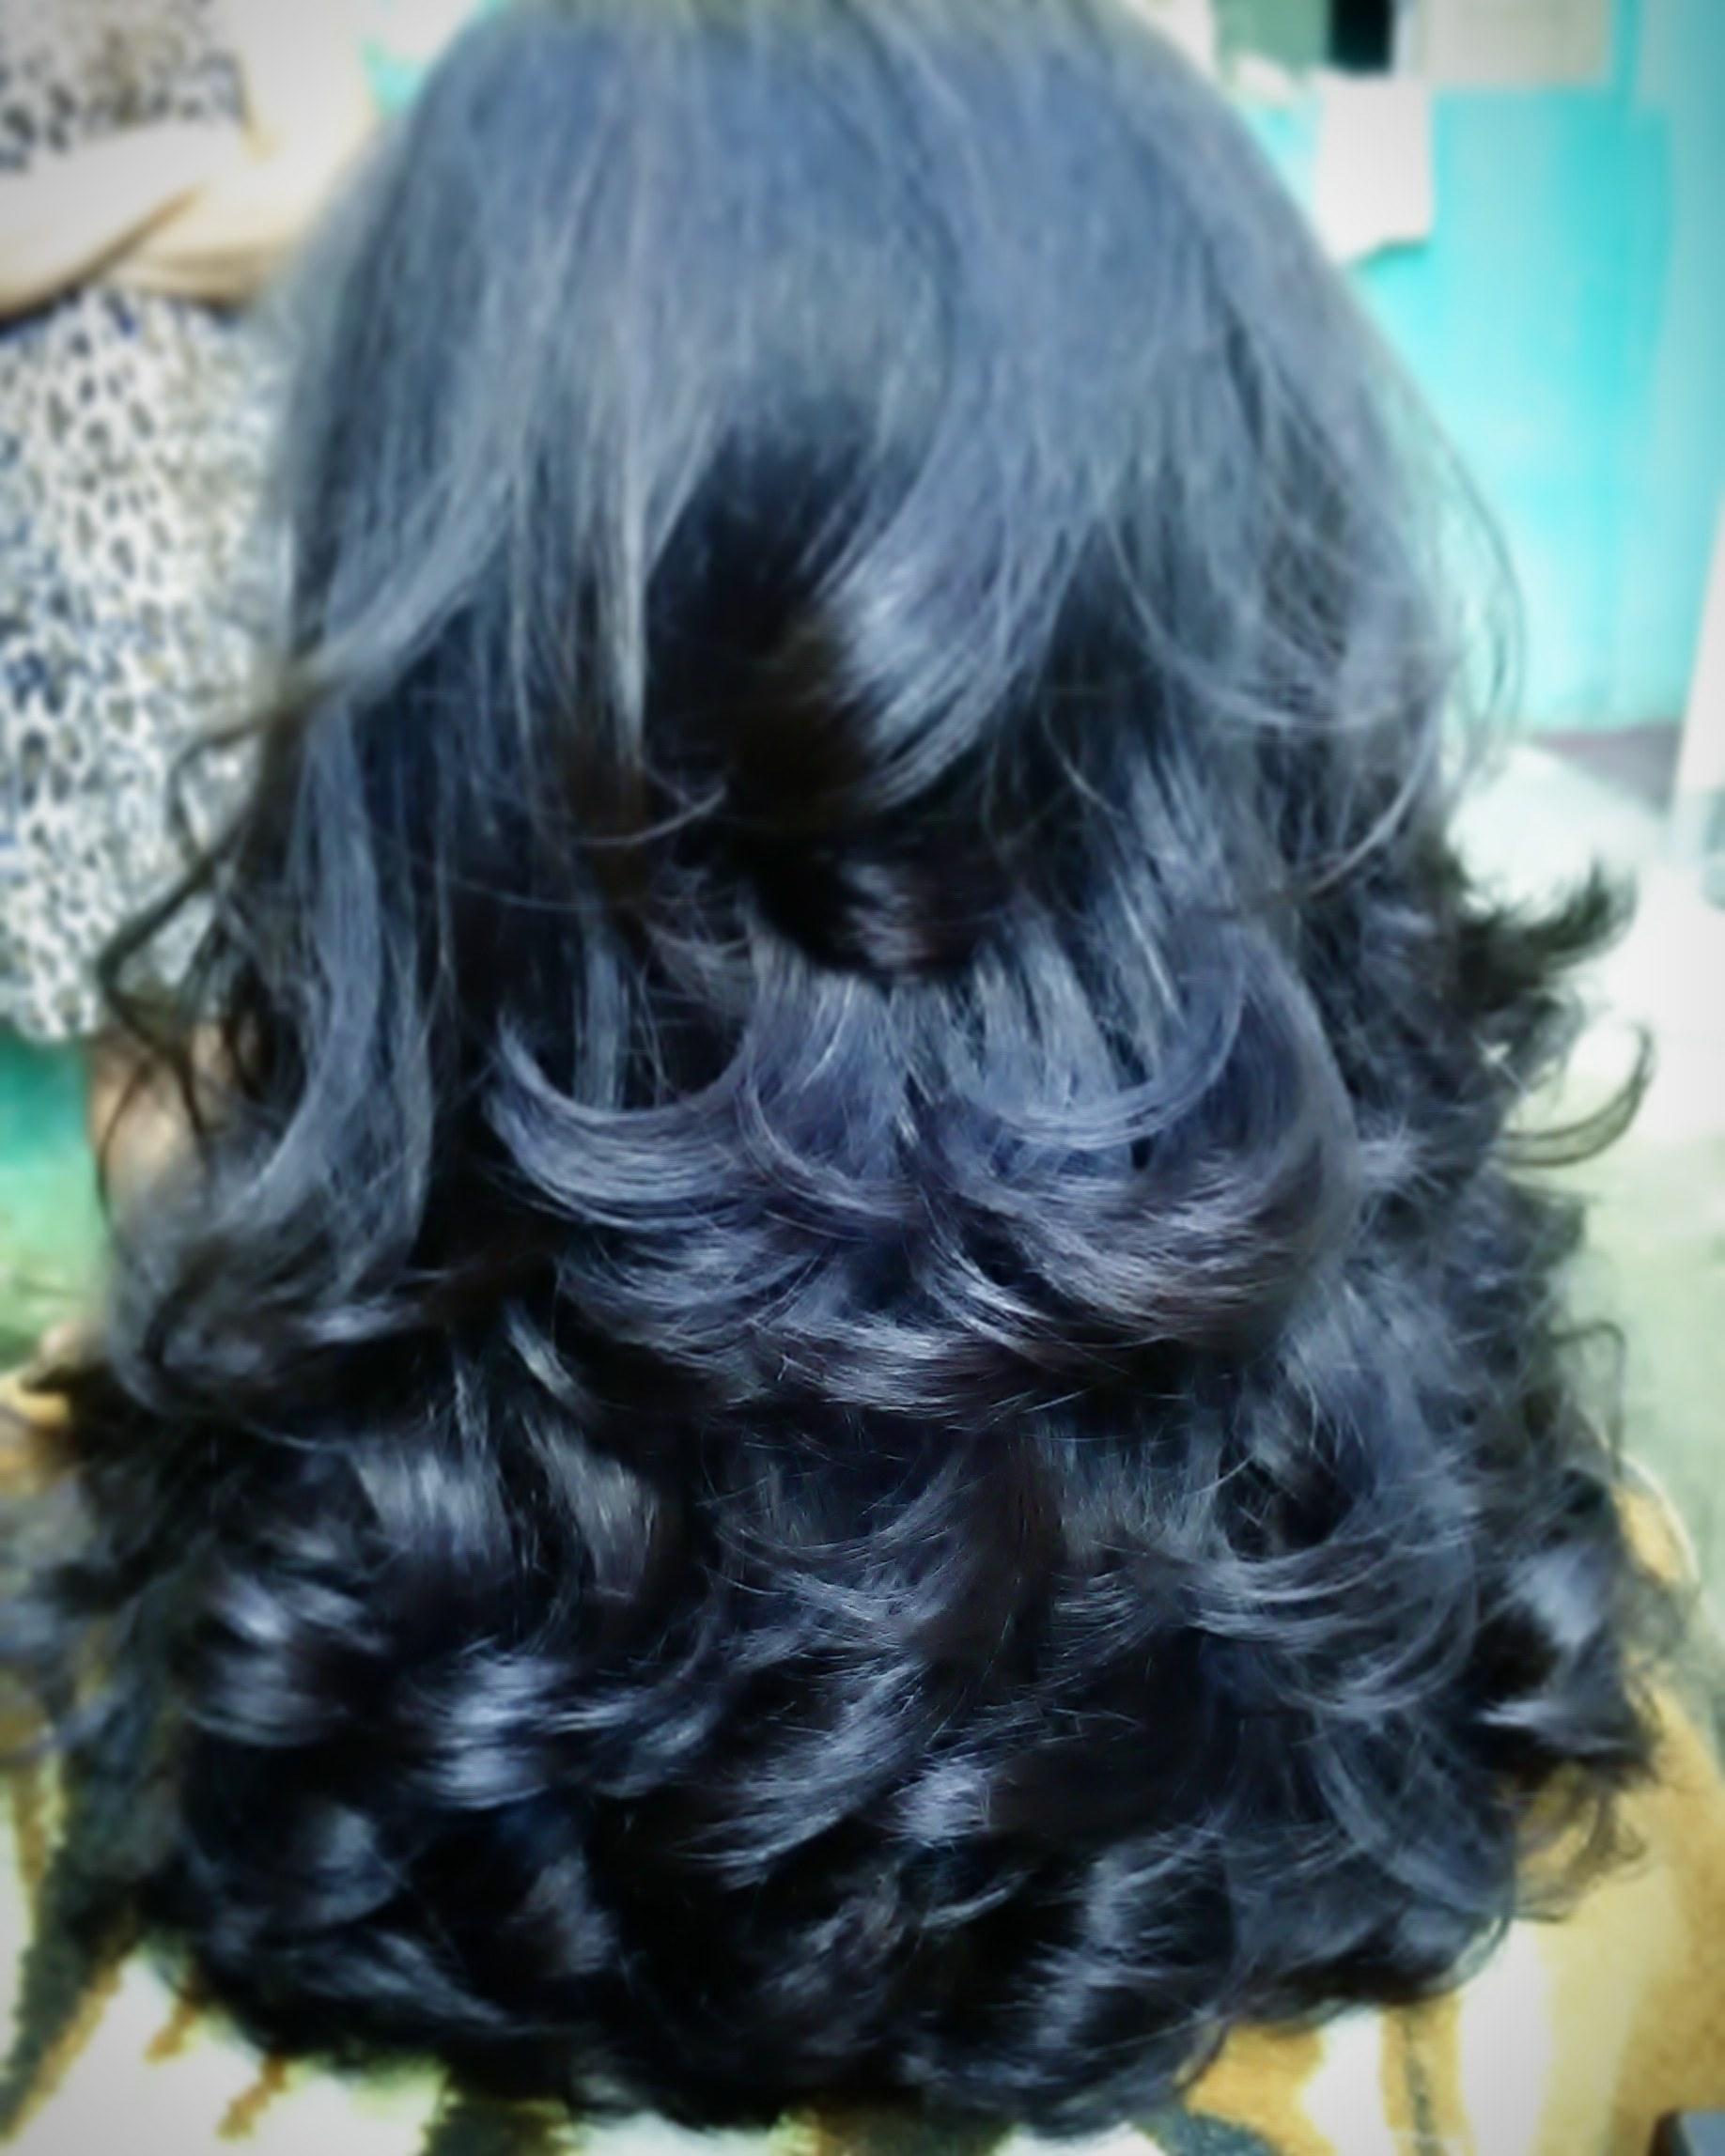 Corte com muuuitas camadas para criar leveza cabelo cabeleireiro(a)